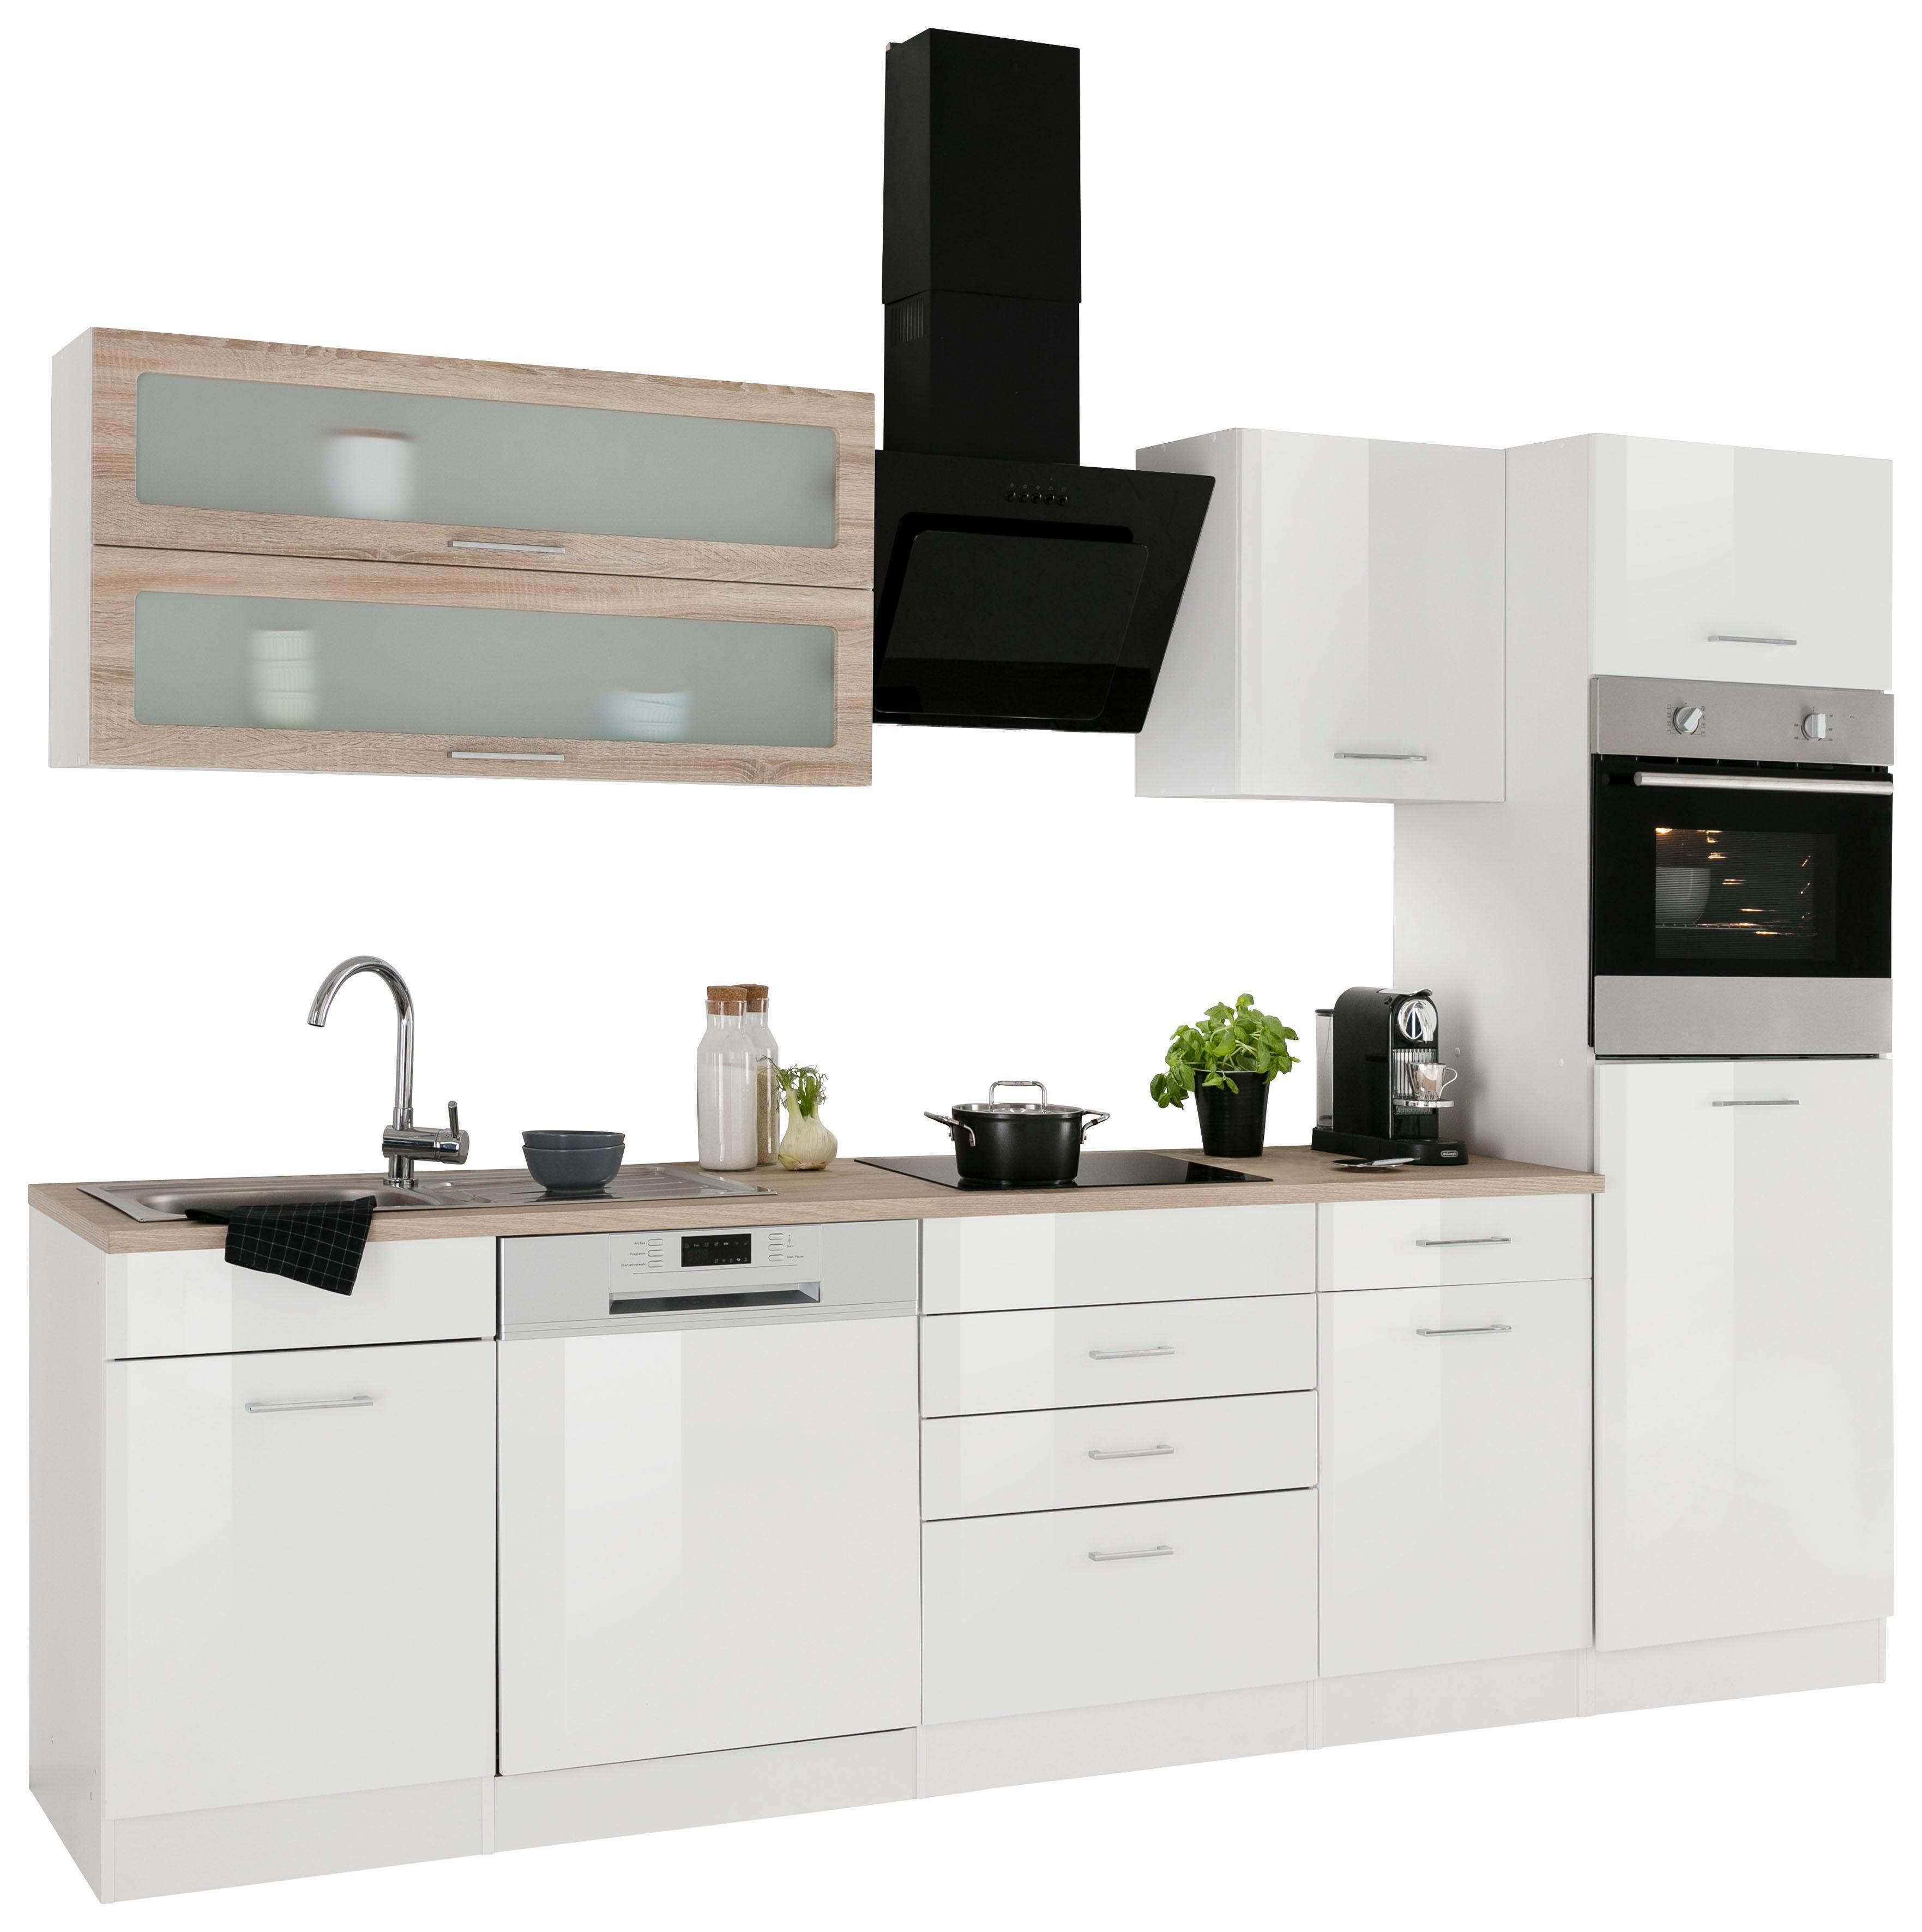 blau-hochglanz Küchenzeilen online kaufen | Möbel-Suchmaschine ...